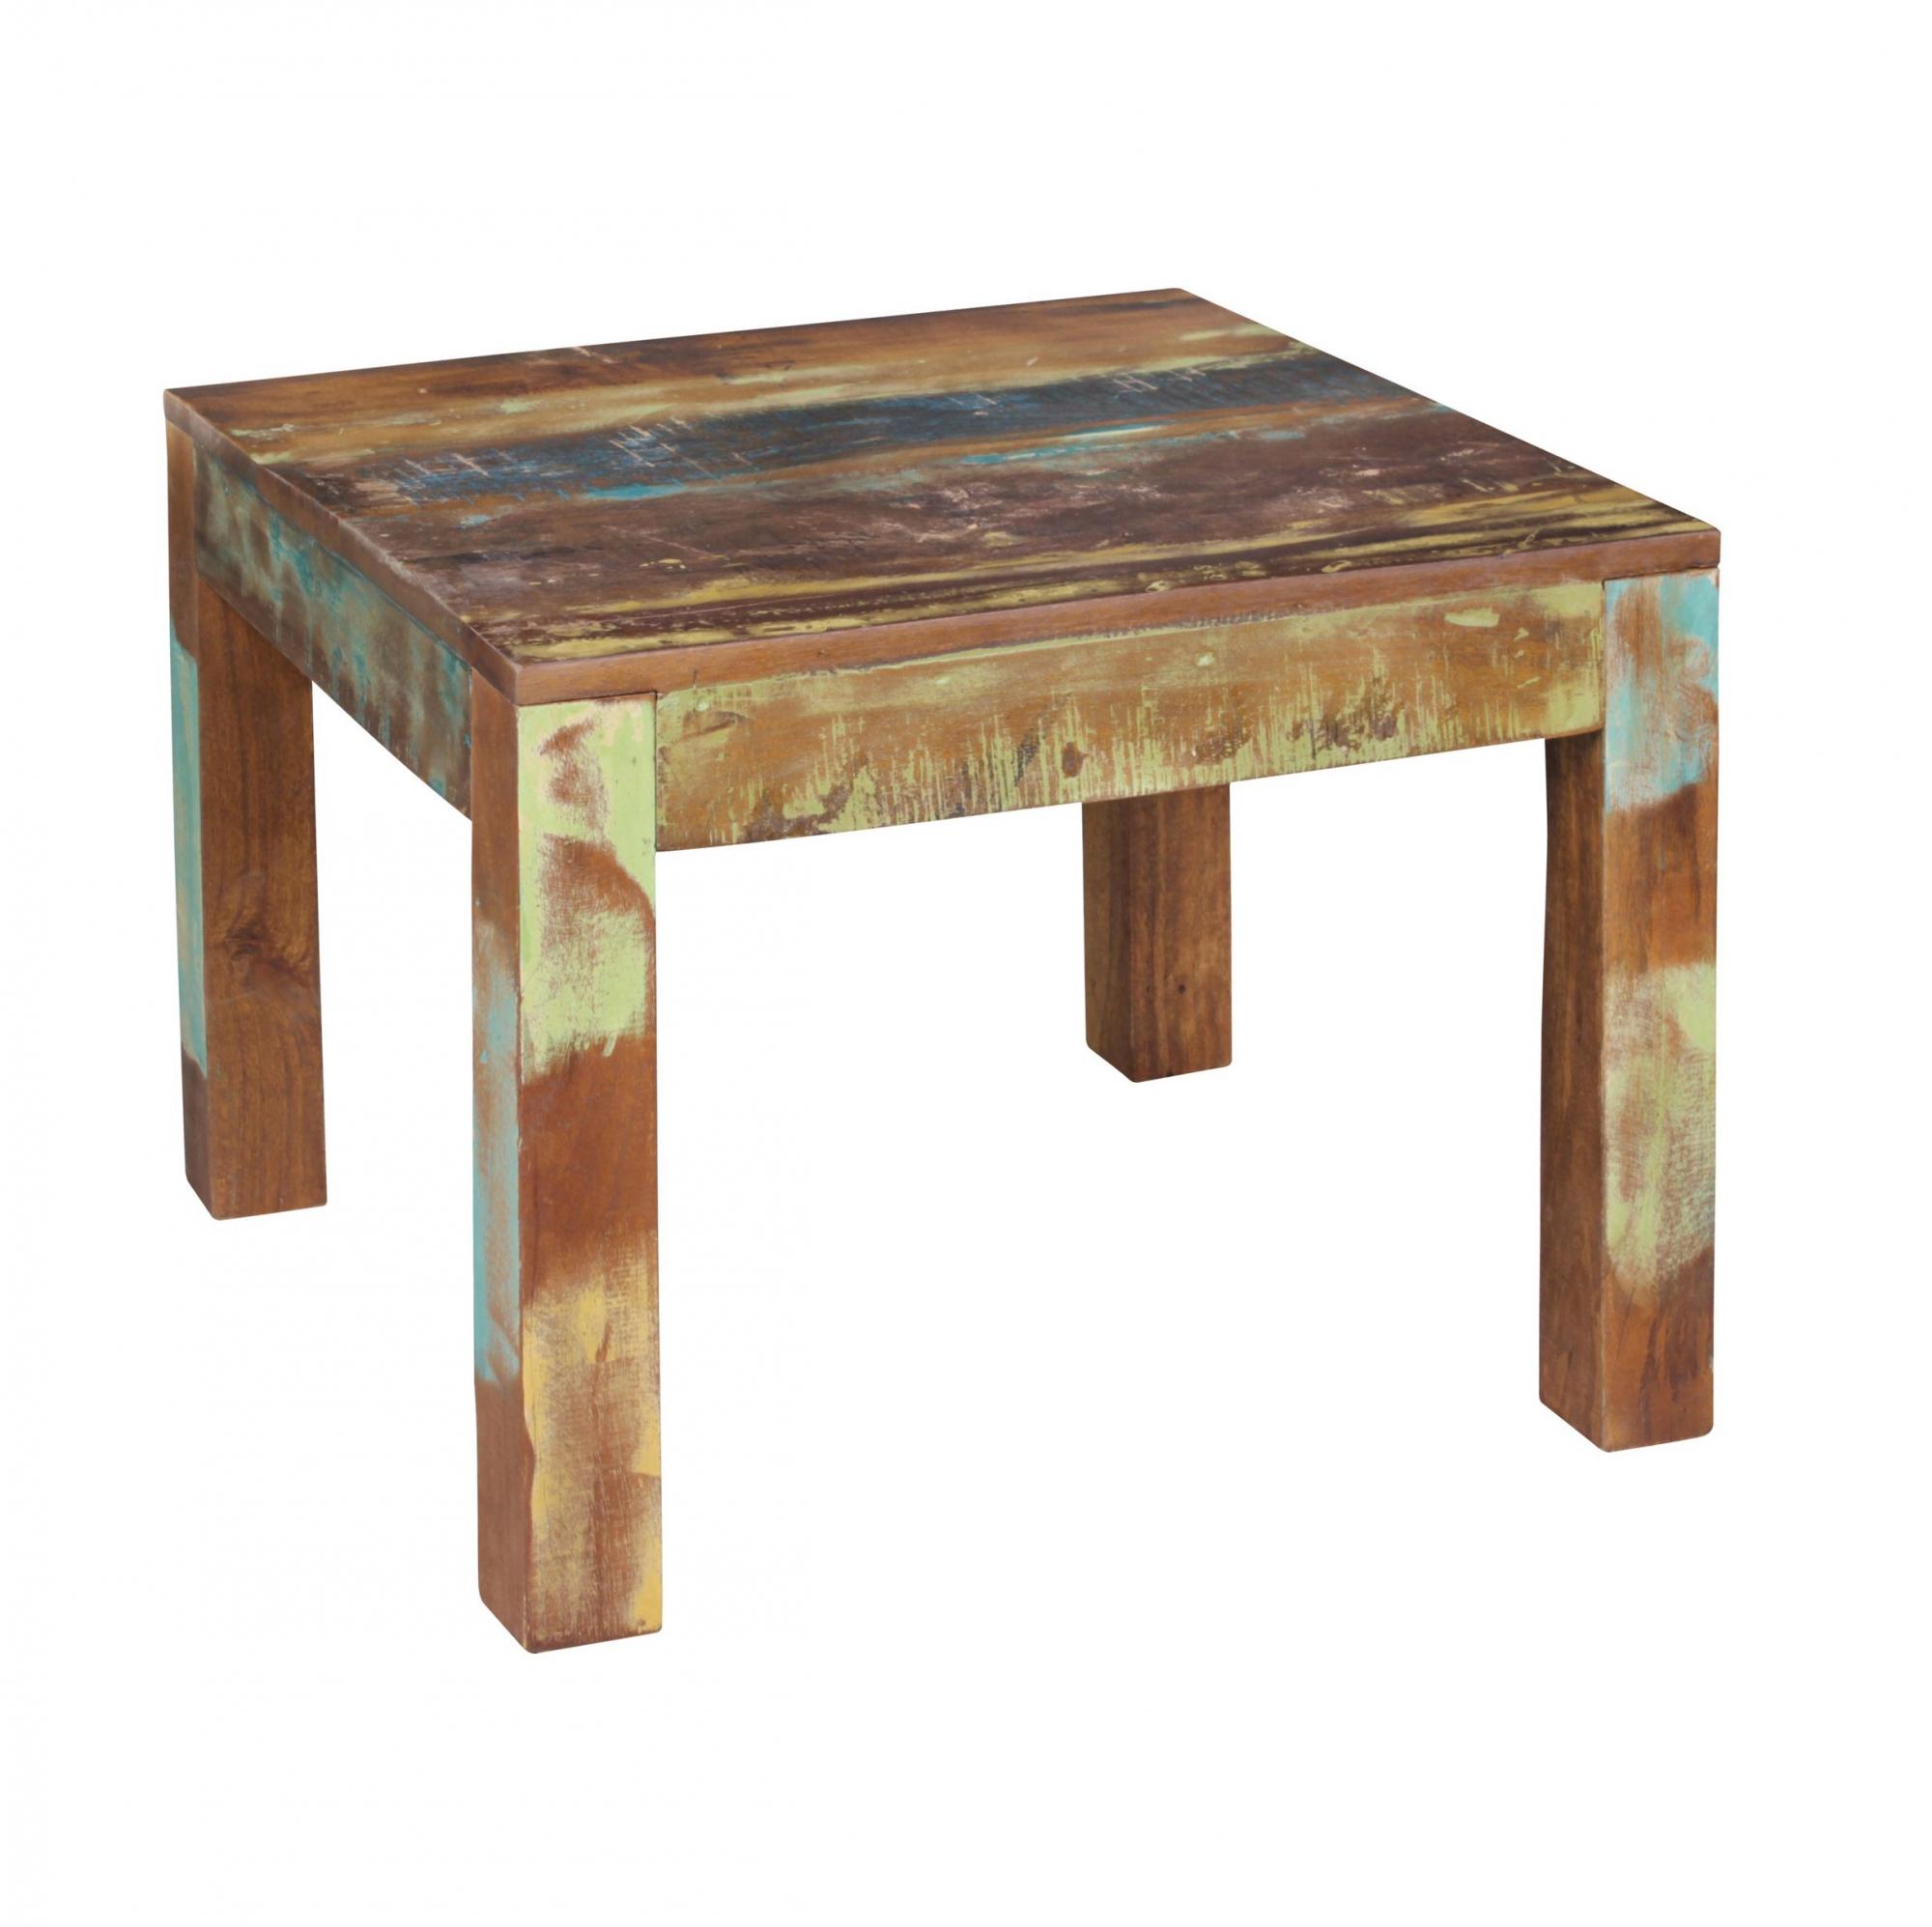 Konferenční stolek z recyklovaného dřeva Kalkutta, 60 cm, mango